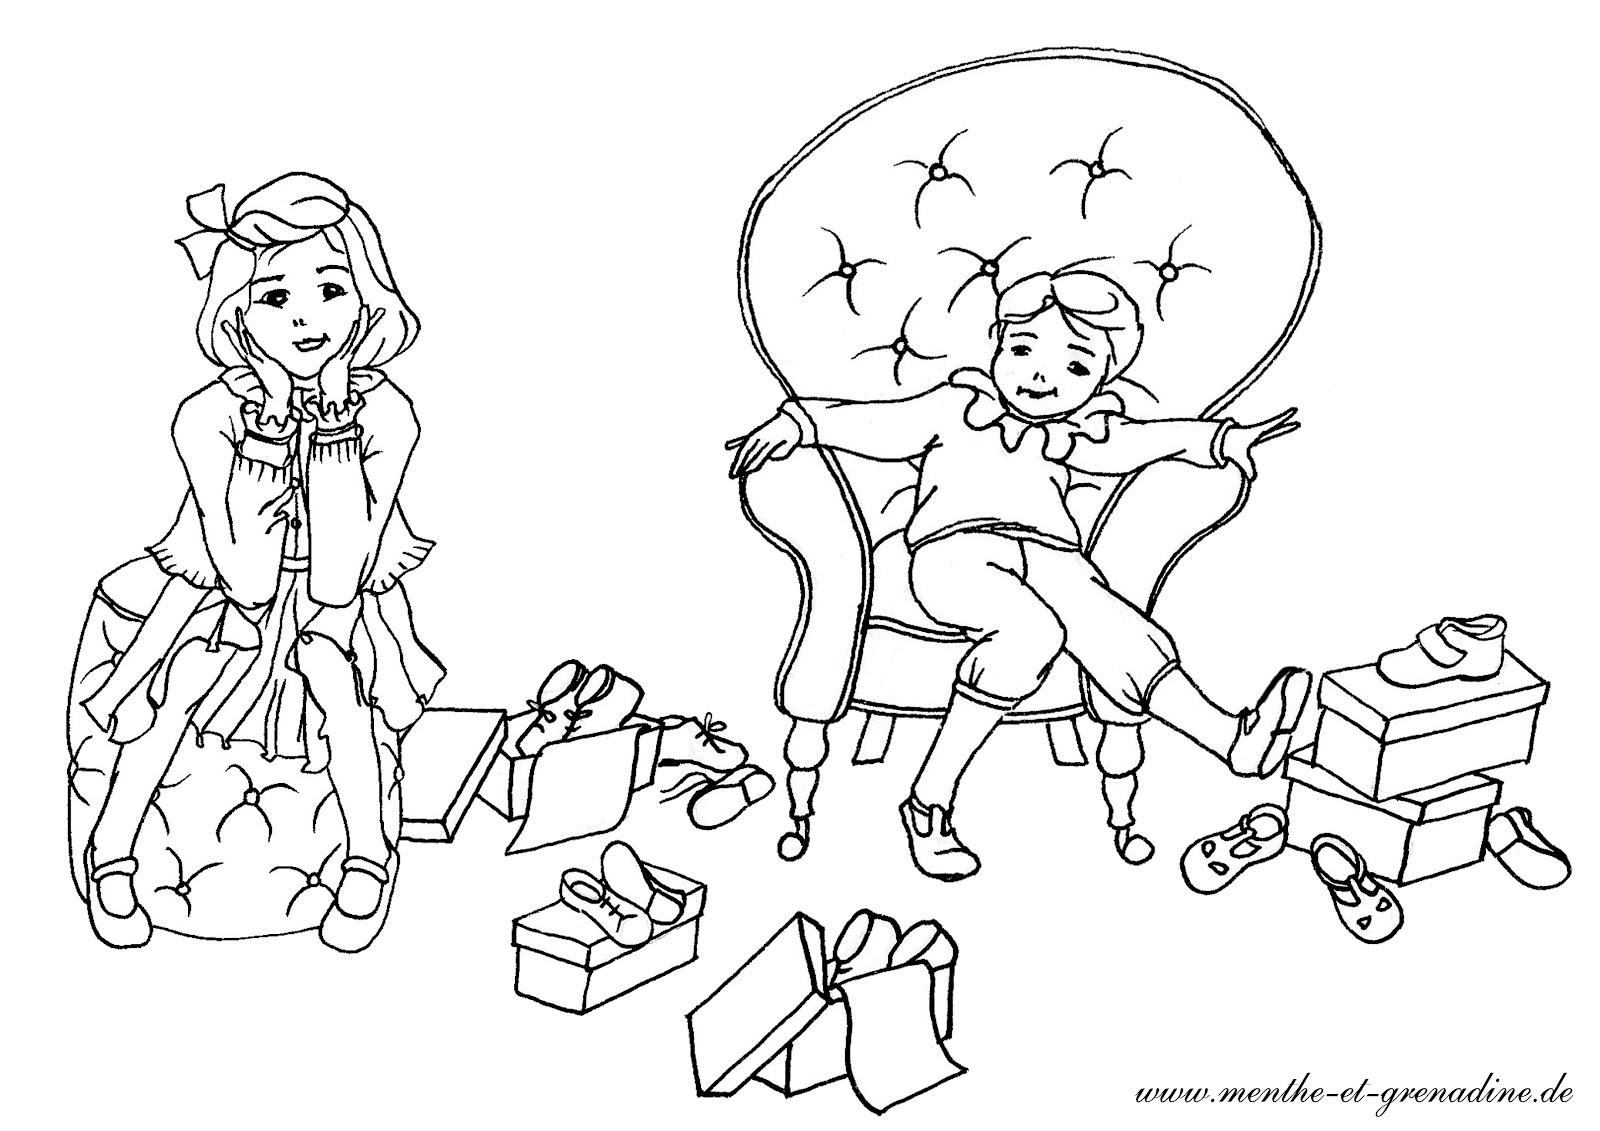 Malvorlagen Ausmalbilder Kinder Kostenlos - Malbuch - Malvorlagen Kinder Mädchen